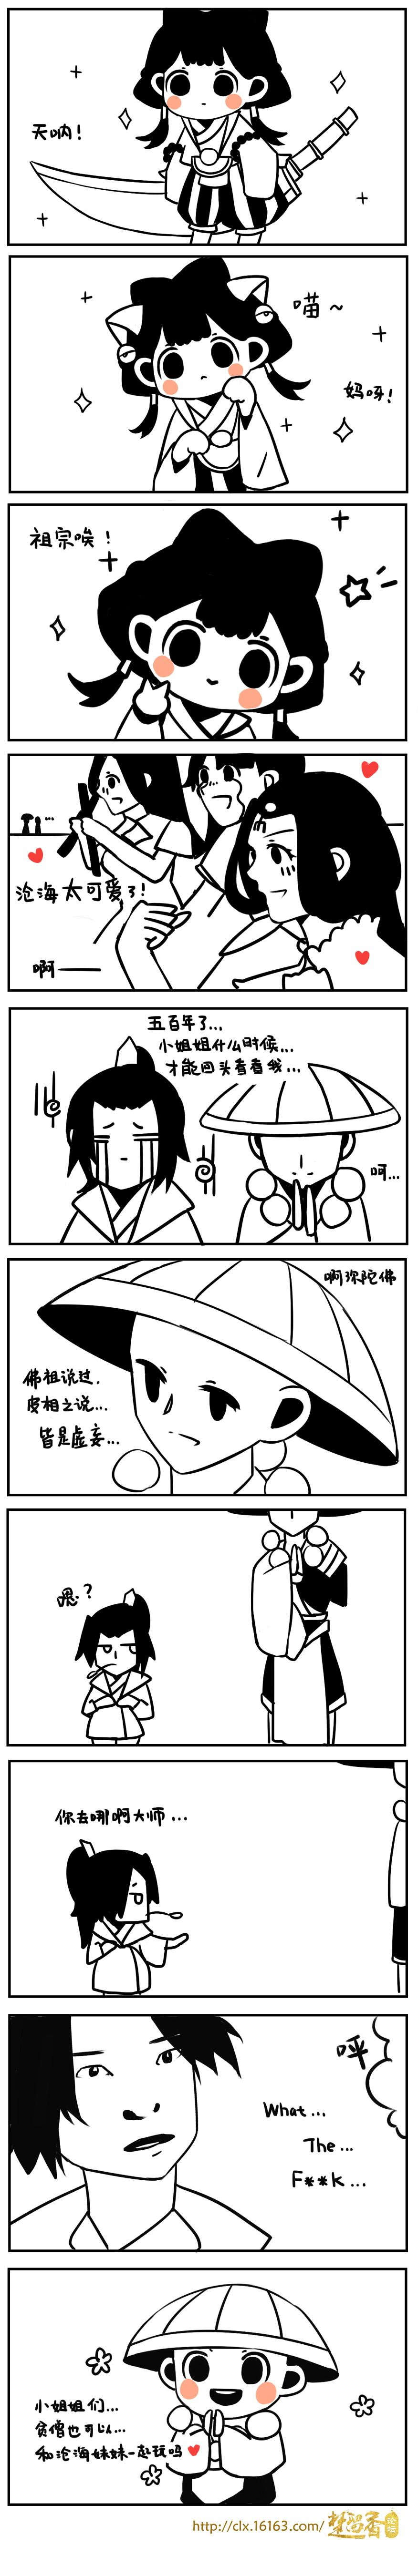 【江湖笔墨客】一个关于新门派的小剧场